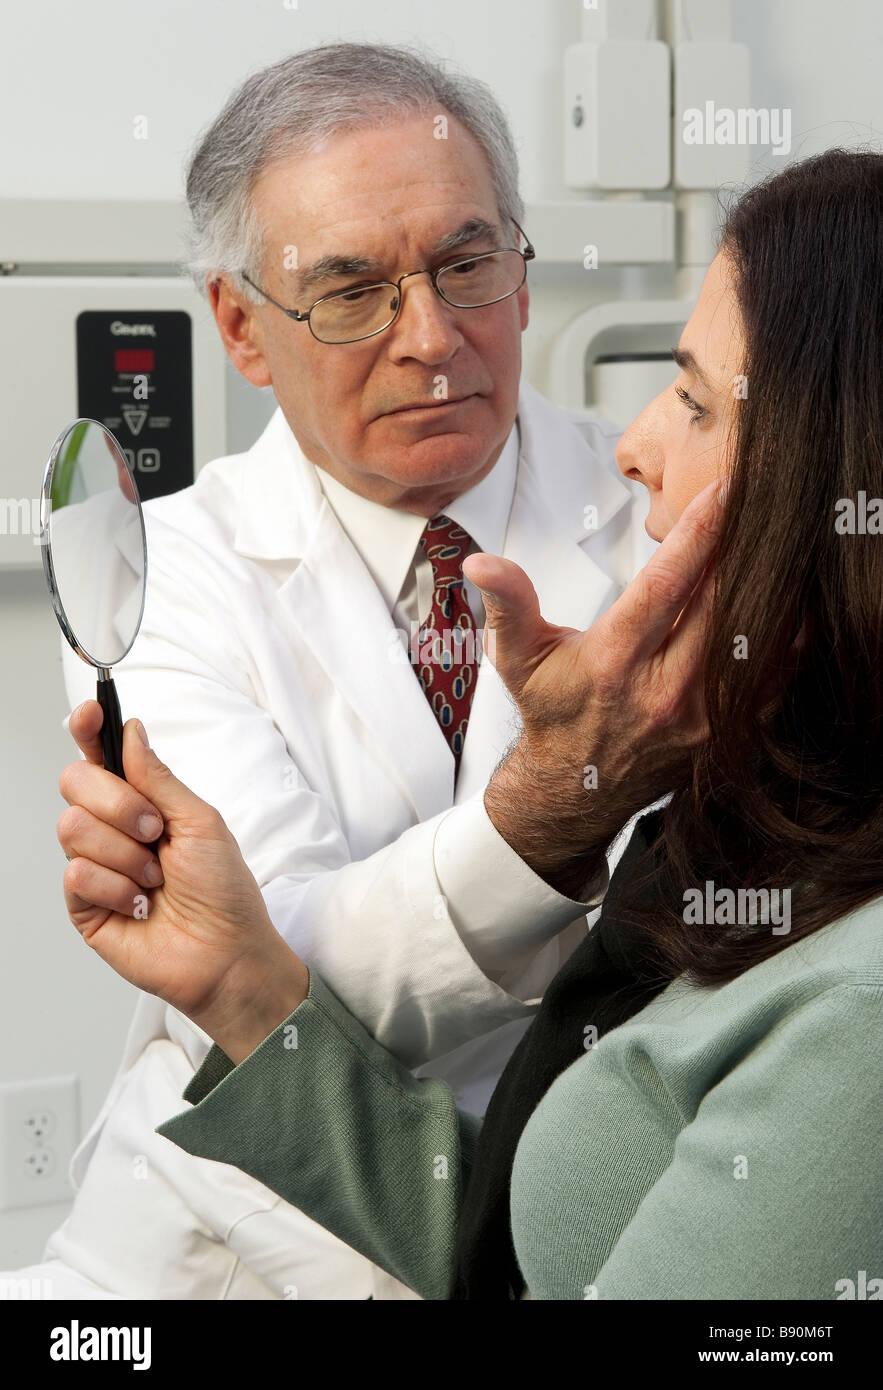 La chirurgie cosmétique consulter avec patient Photo Stock